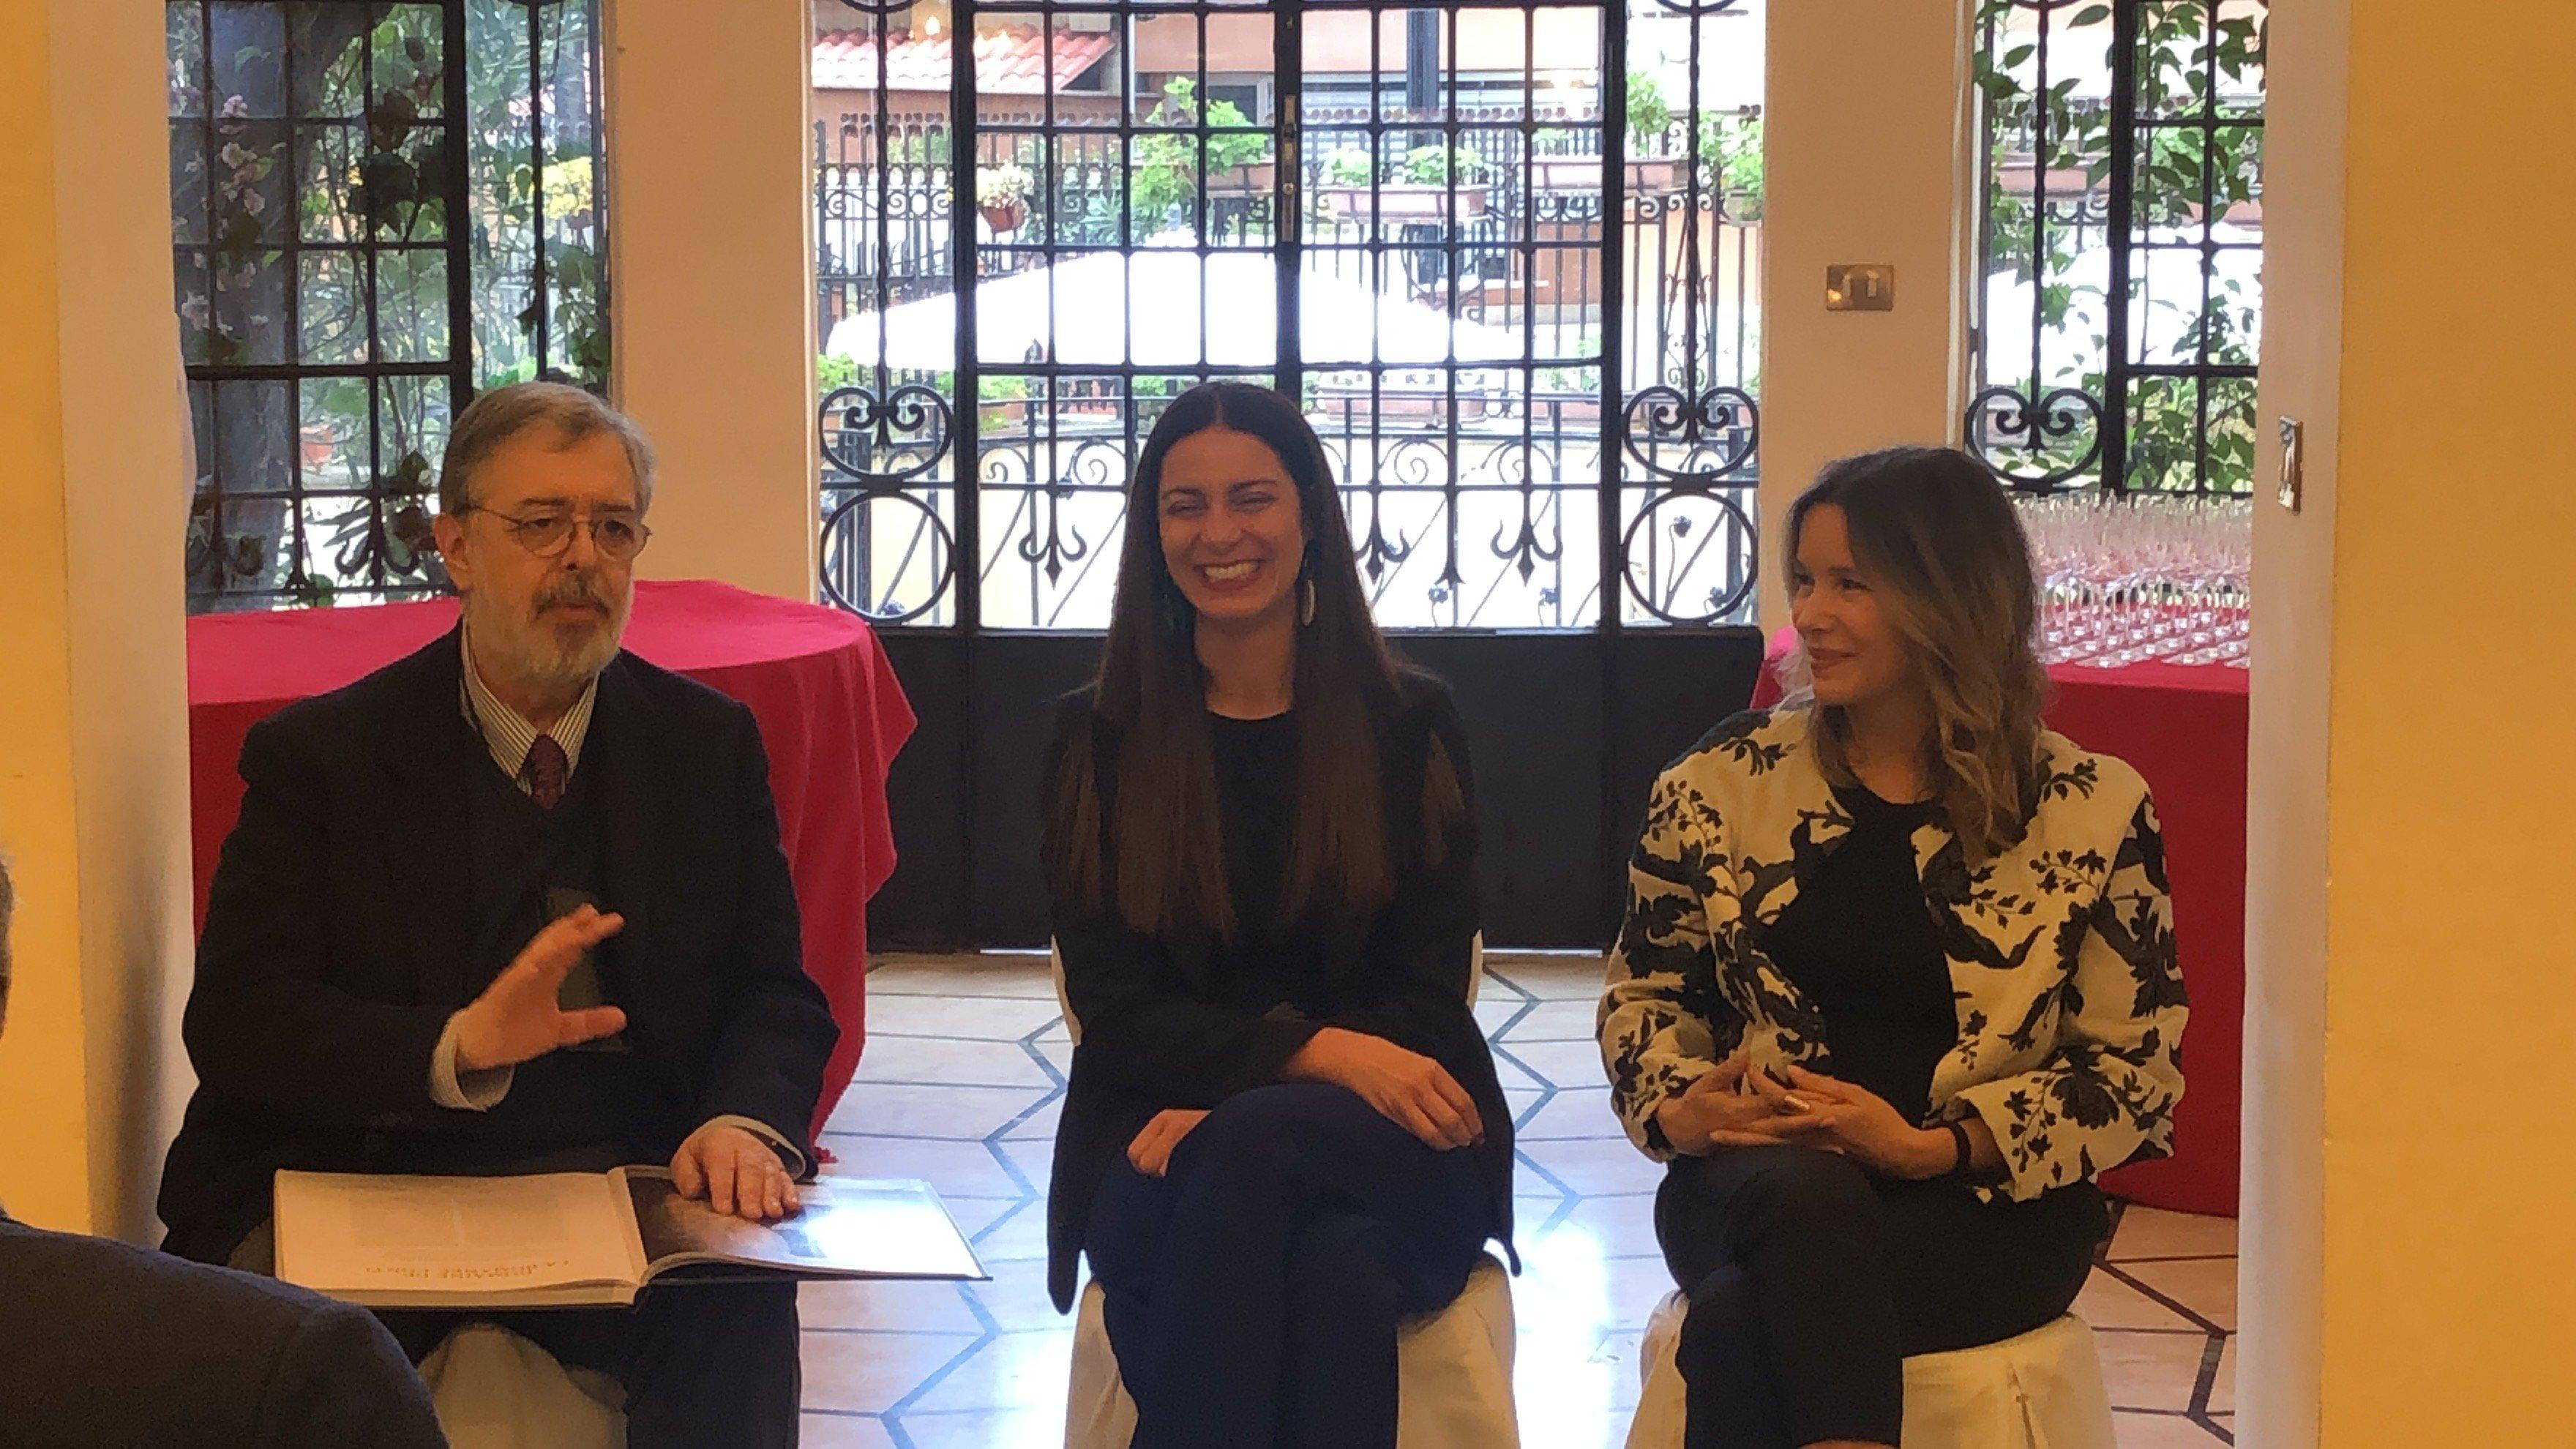 """Presentazione de """"La Cantina Perfetta"""" con Daniele Cernilli, Chiara Giannotti, Simona Sparaco"""